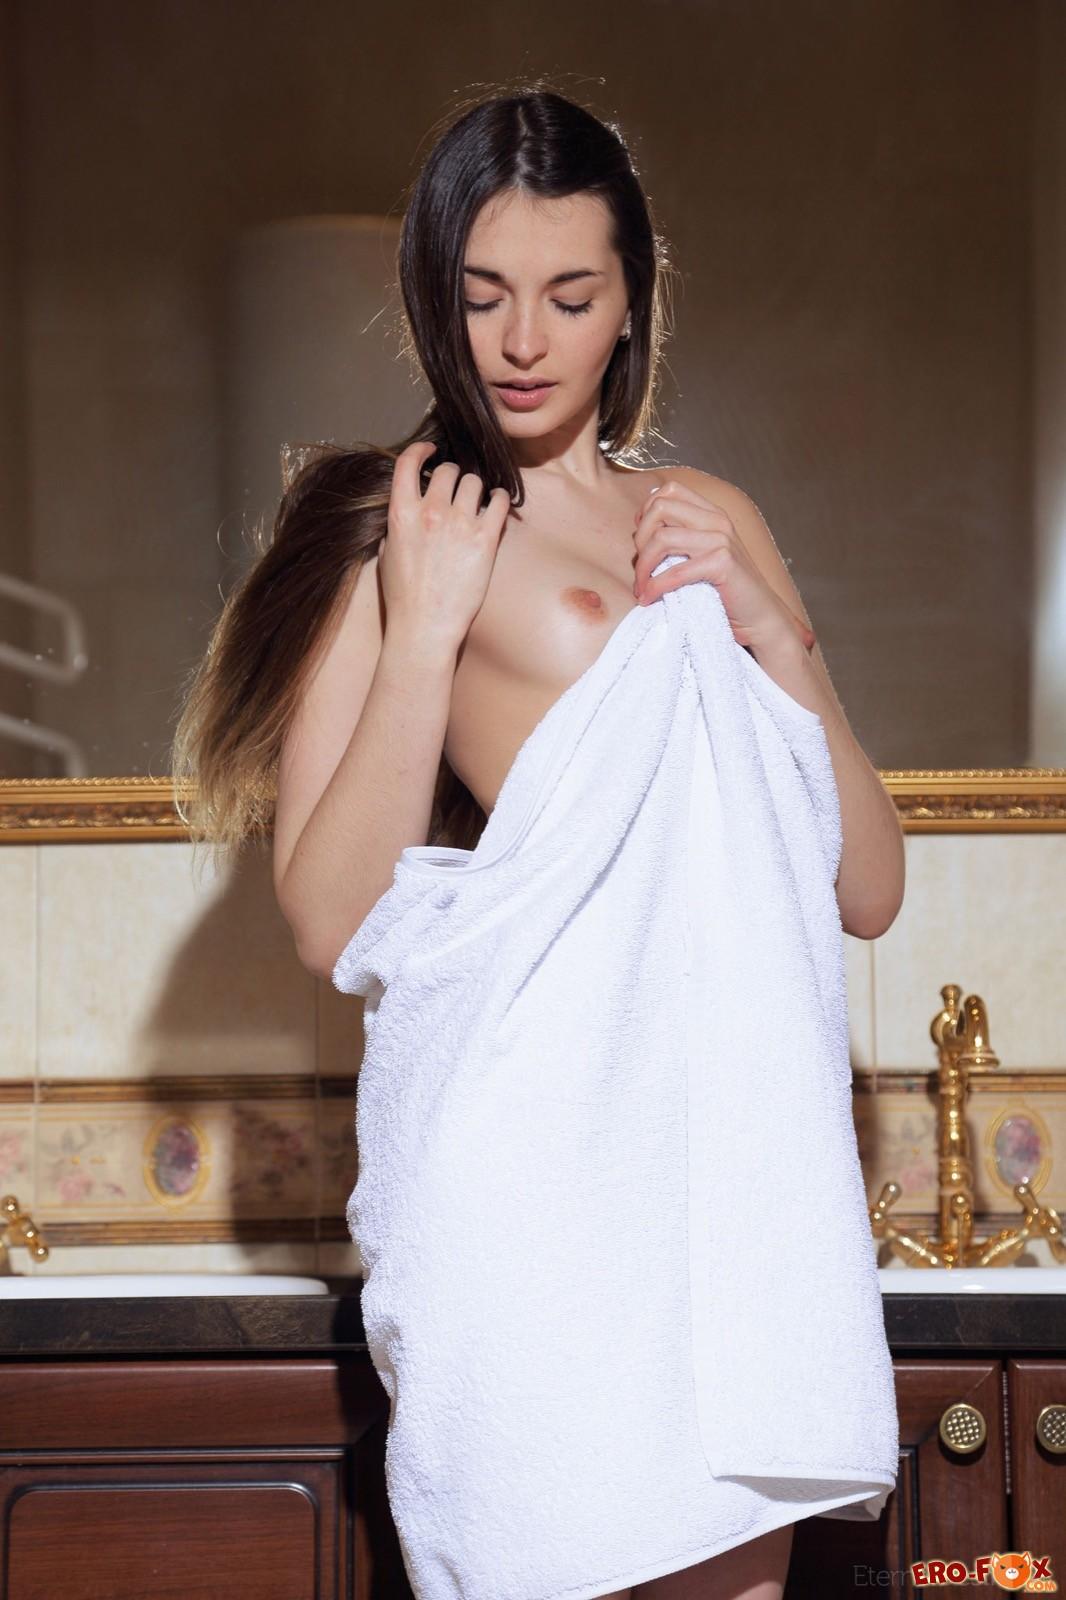 Голая милашка обливает бритую письку водой в ванной